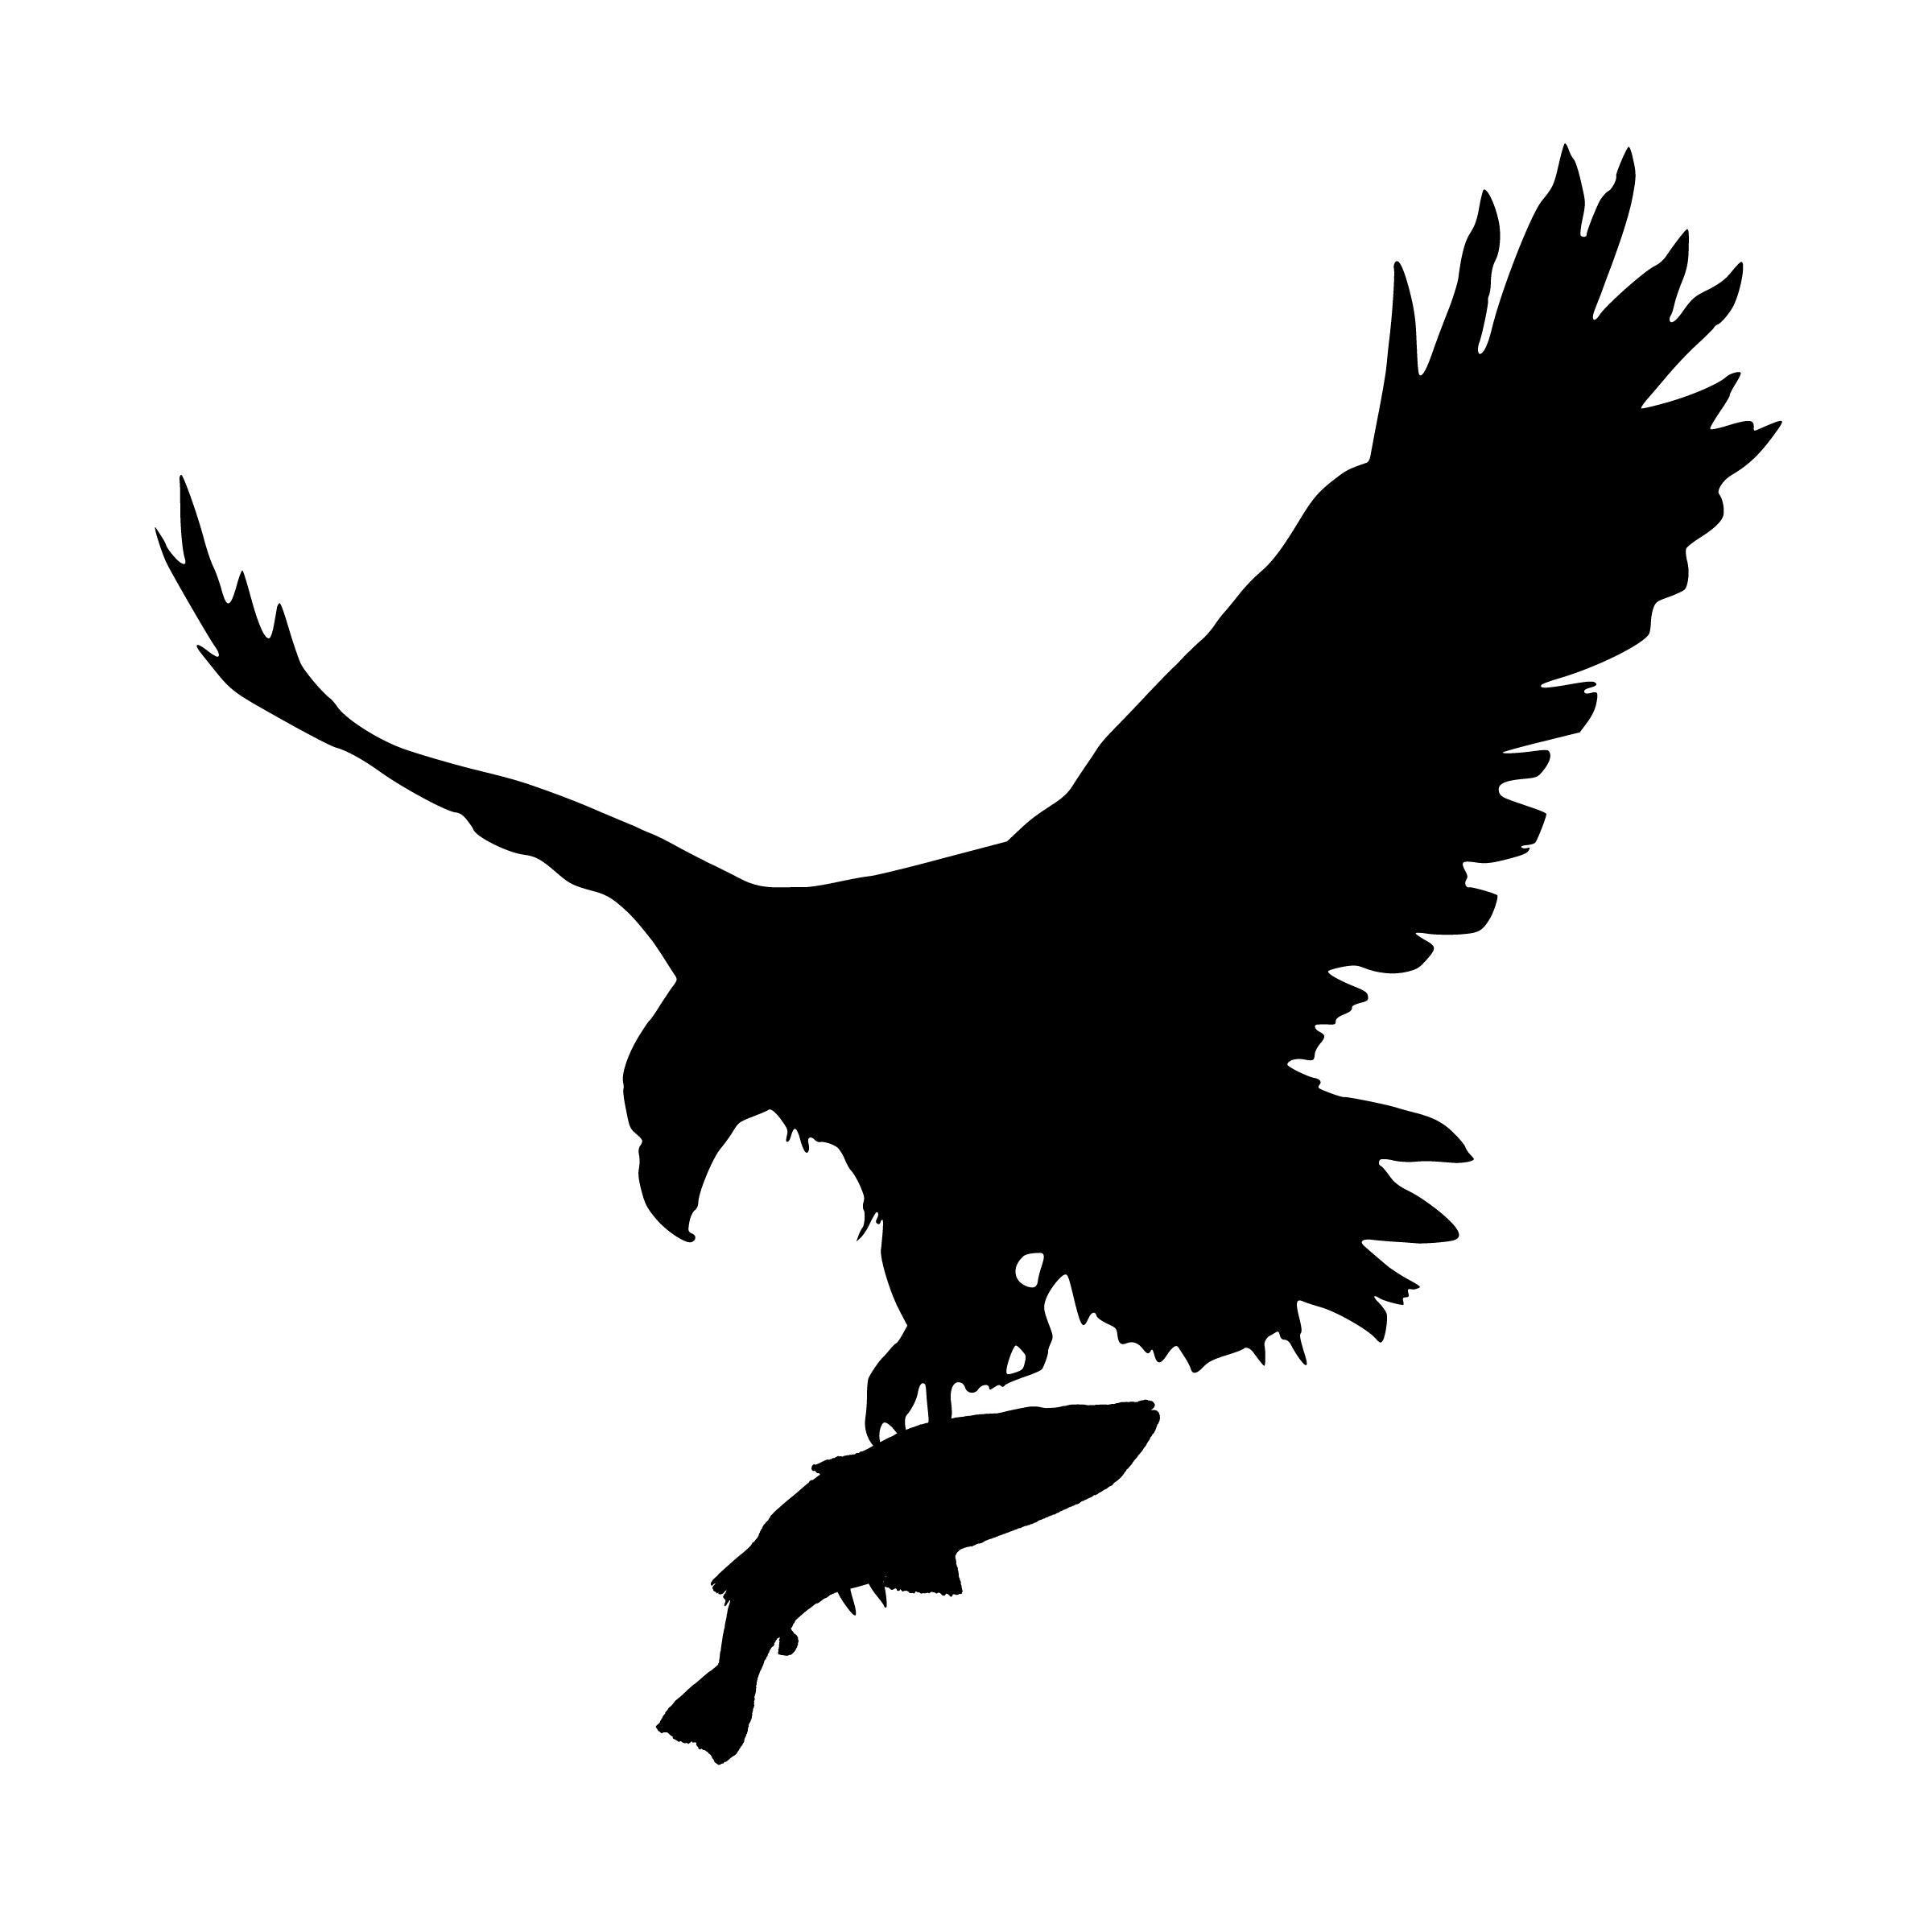 Gambar Burung Rajawali Memegang Margasatwa Langit